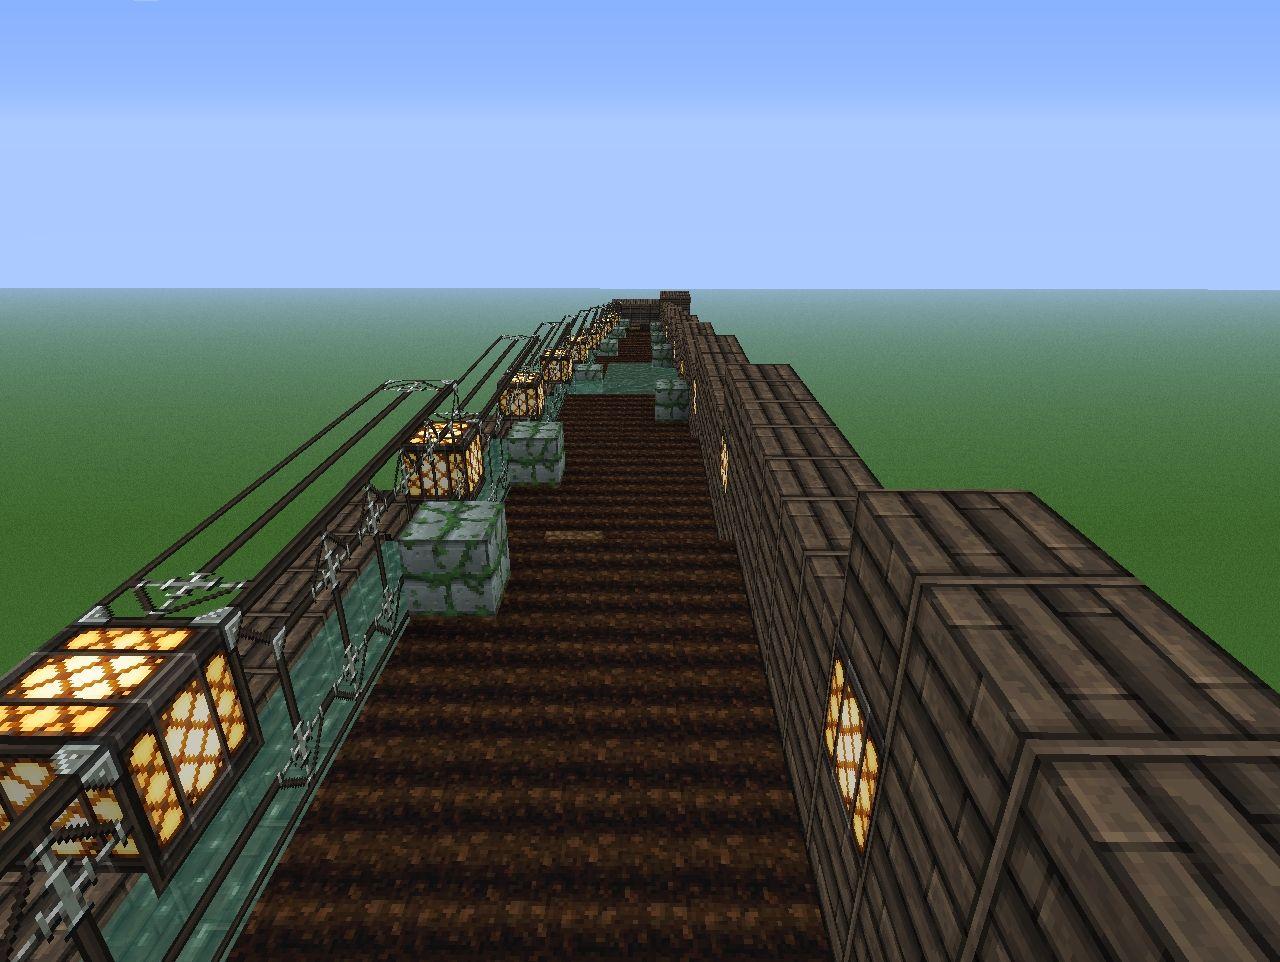 vue d'une partie de la zone du jeu